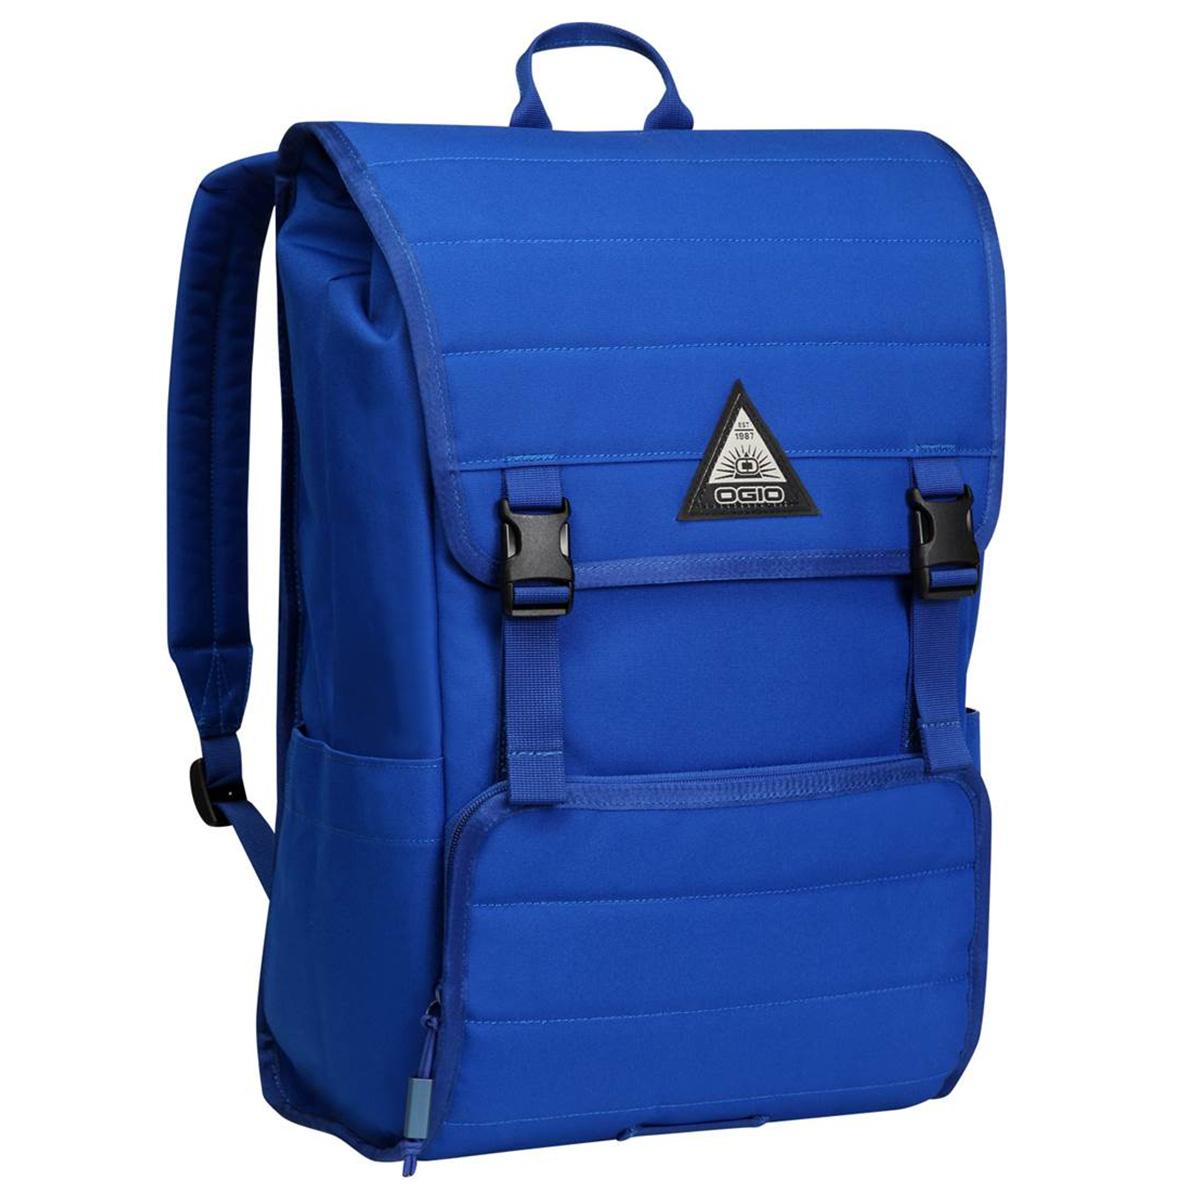 OGIO RUCK 20 BLUE plecak sportowy szkolny miejski :: Sklep